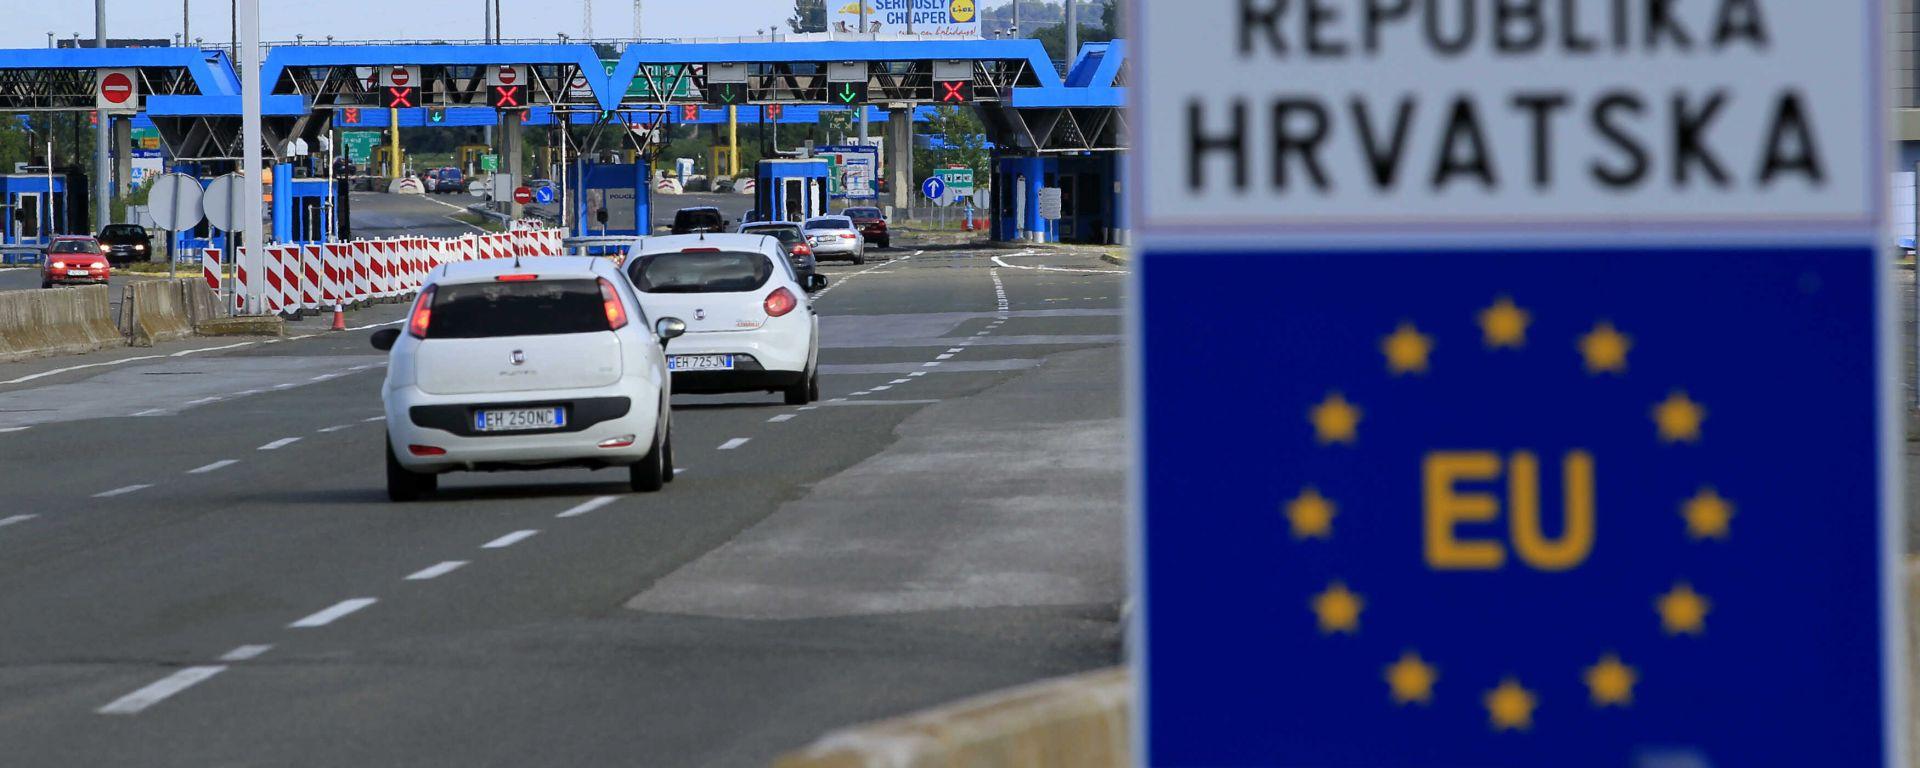 Croazia, tampone obbligatorio per chi fa rientro